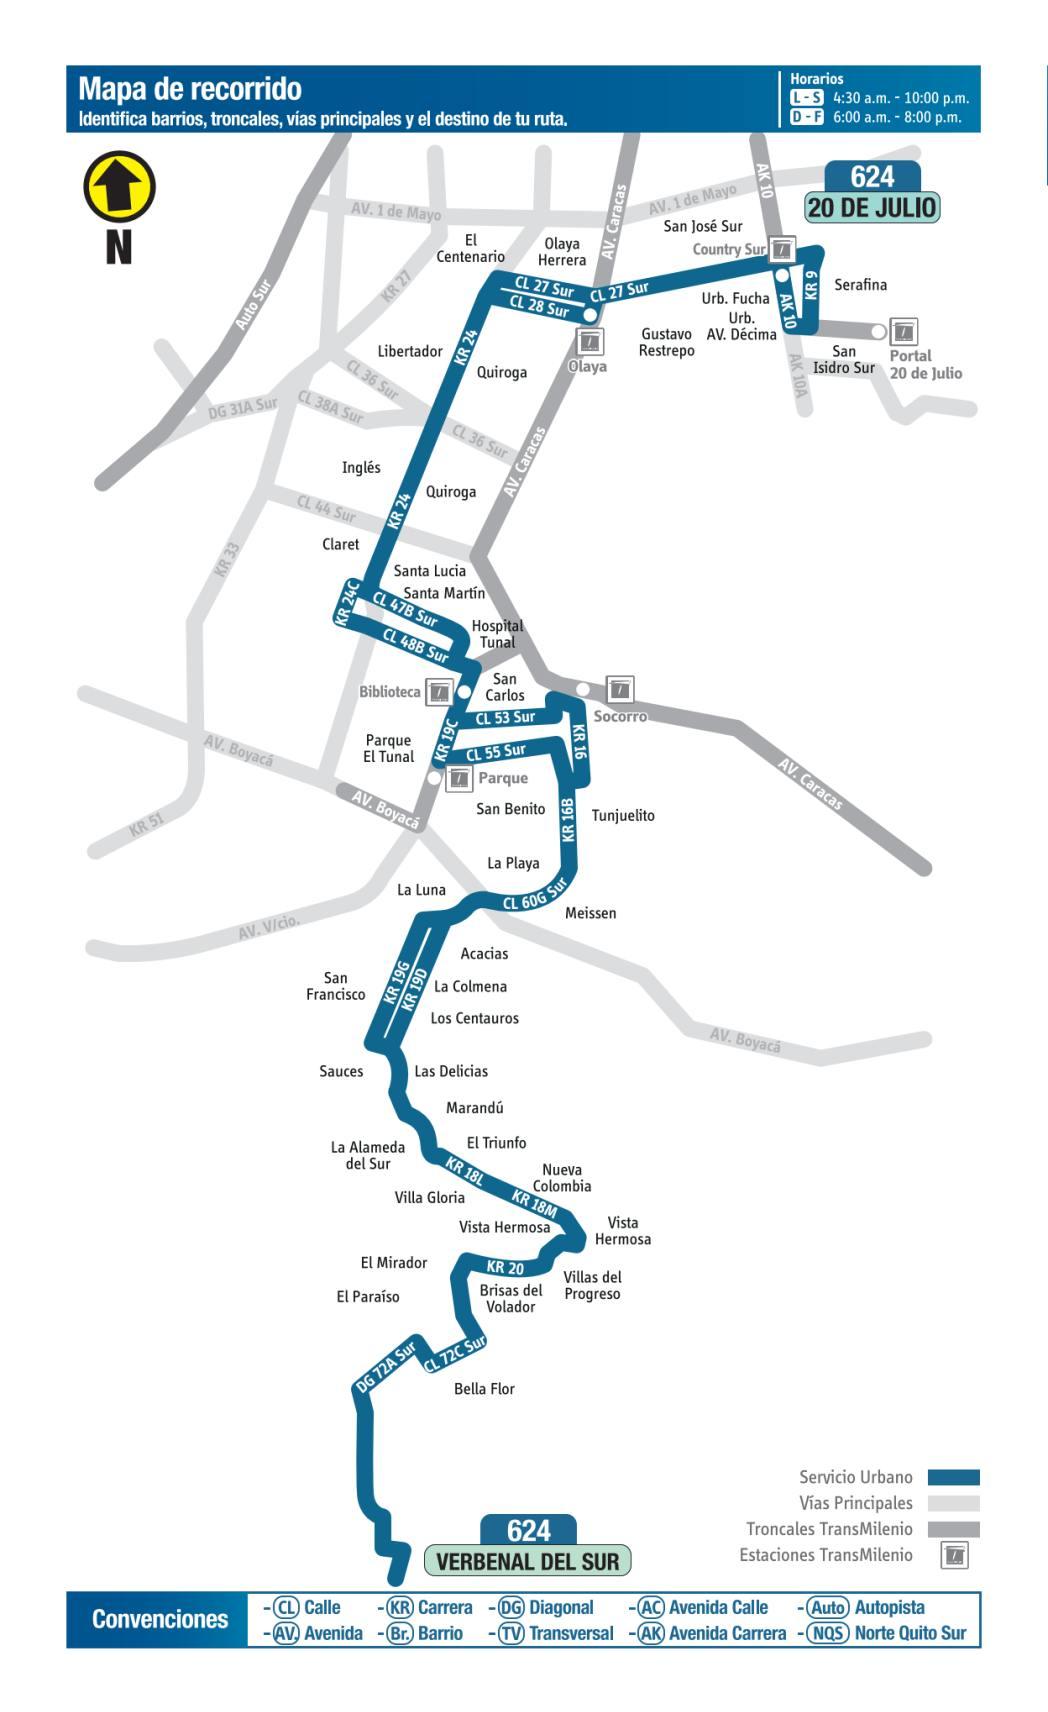 624 - 20 de Julio - Verbenal del Sur, mapa bus urbano Bogotá